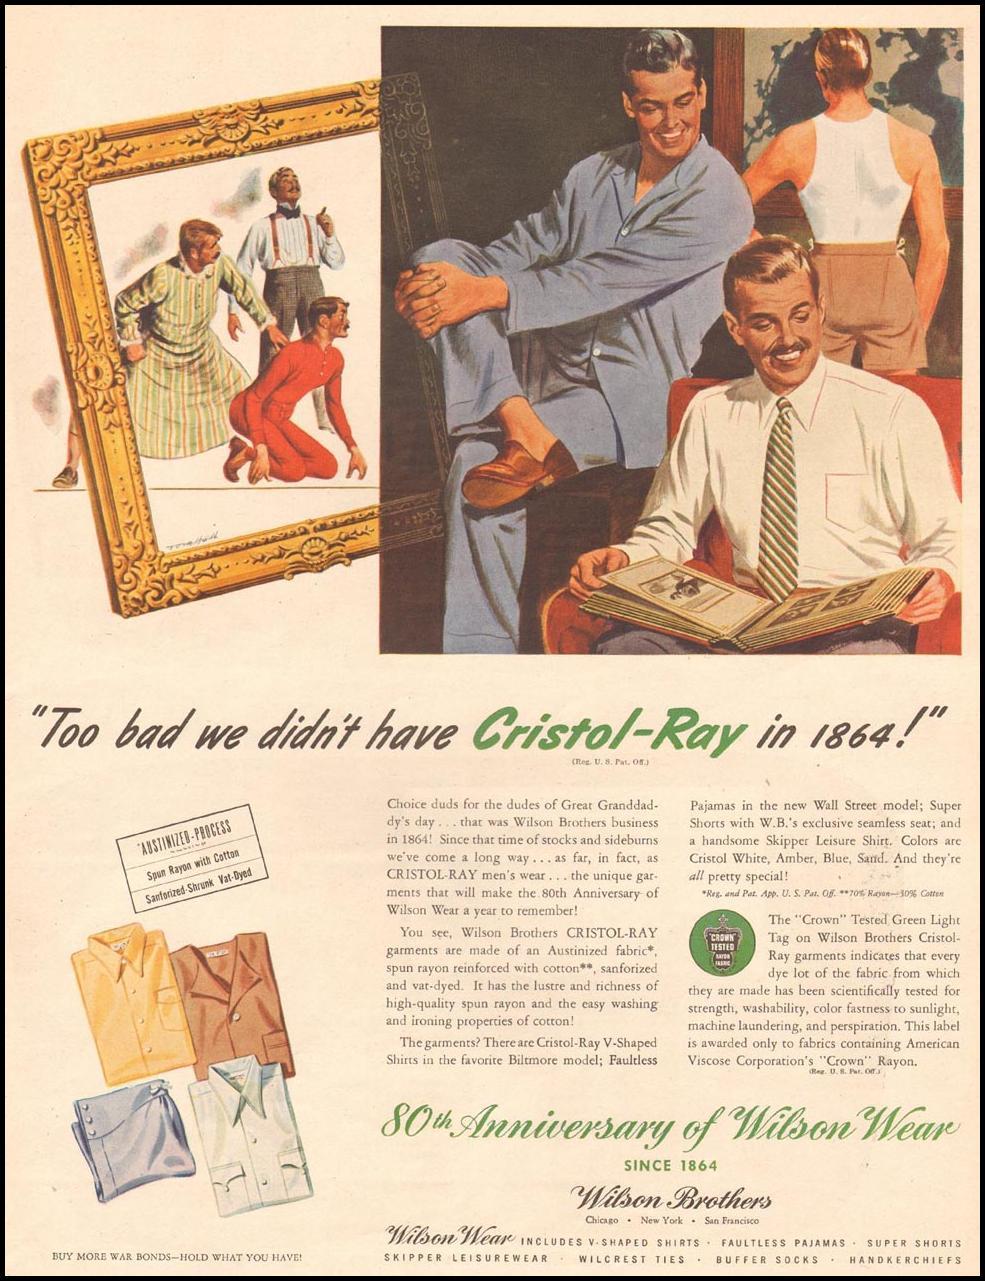 CRISTOL-RAY MENS SHIRTS LIFE 11/13/1944 p. 119